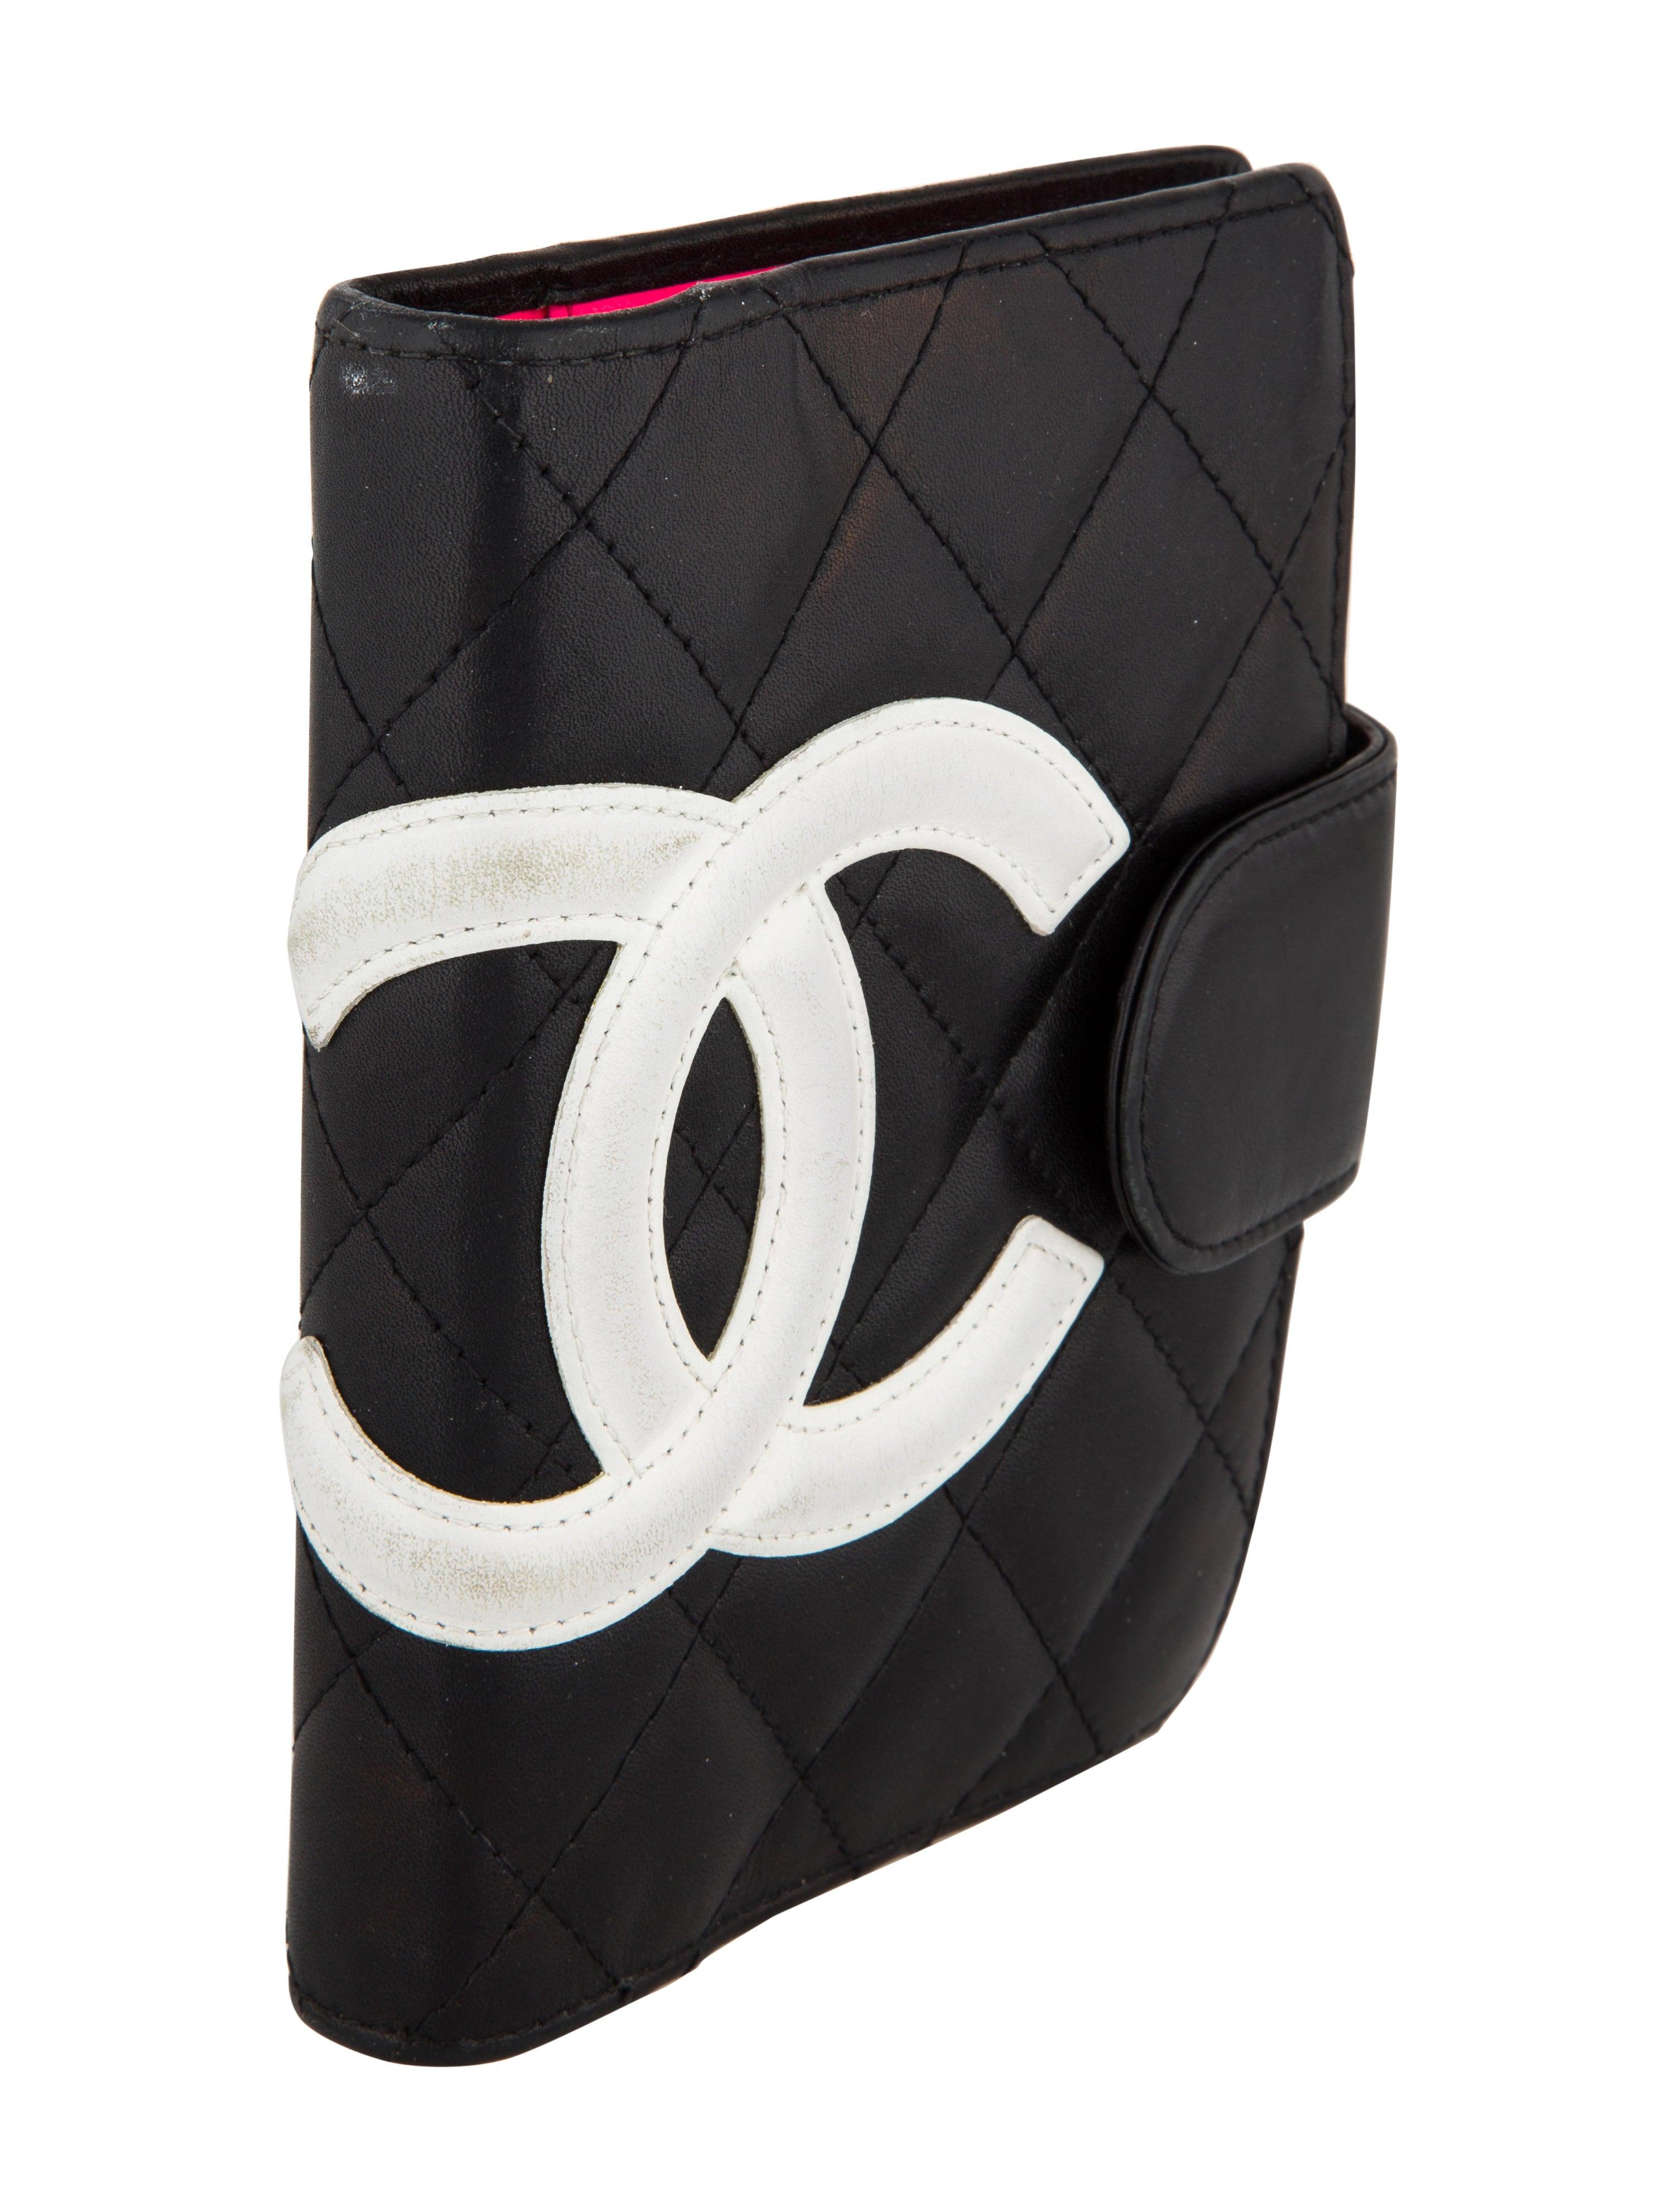 Chanel Ligne Cambon Agenda Cover Decor And Accessories